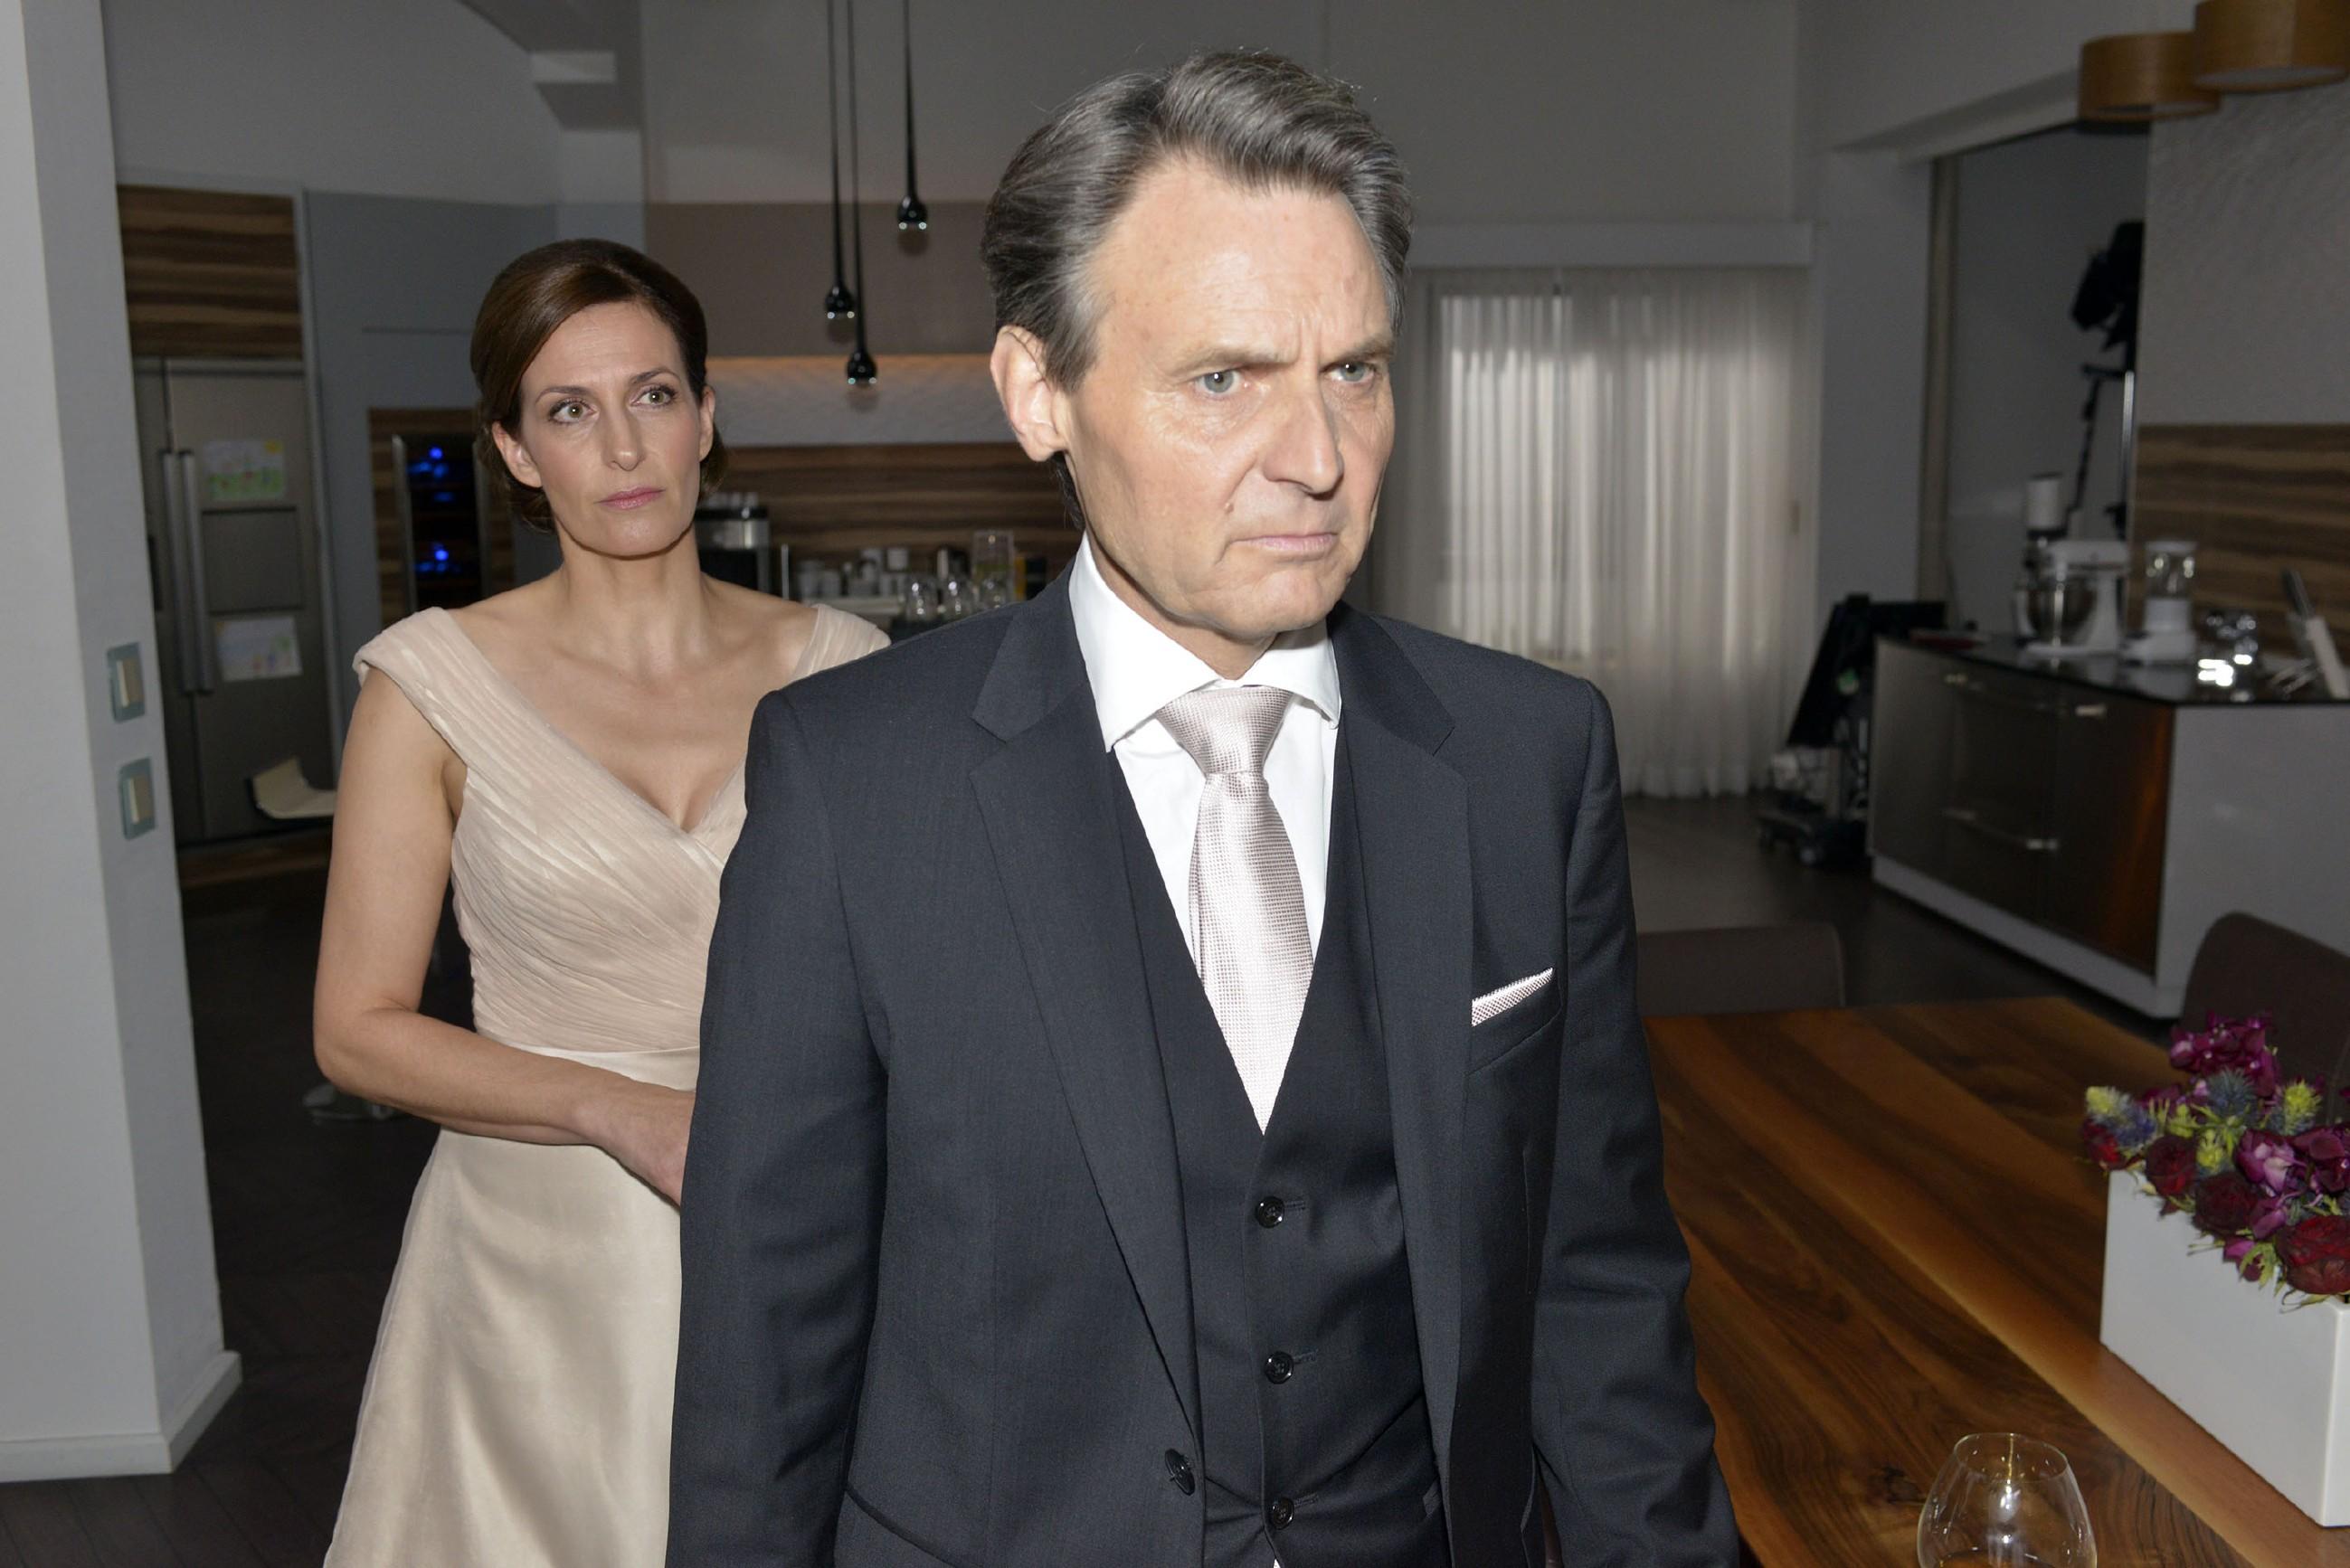 Nach der Feier bekommt Katrin (Ulrike Frank) Gerners (Wolfgang Bahro) tiefe Enttäuschung zu spüren, als er sie auffordert, die Wohnung umgehend zu verlassen.